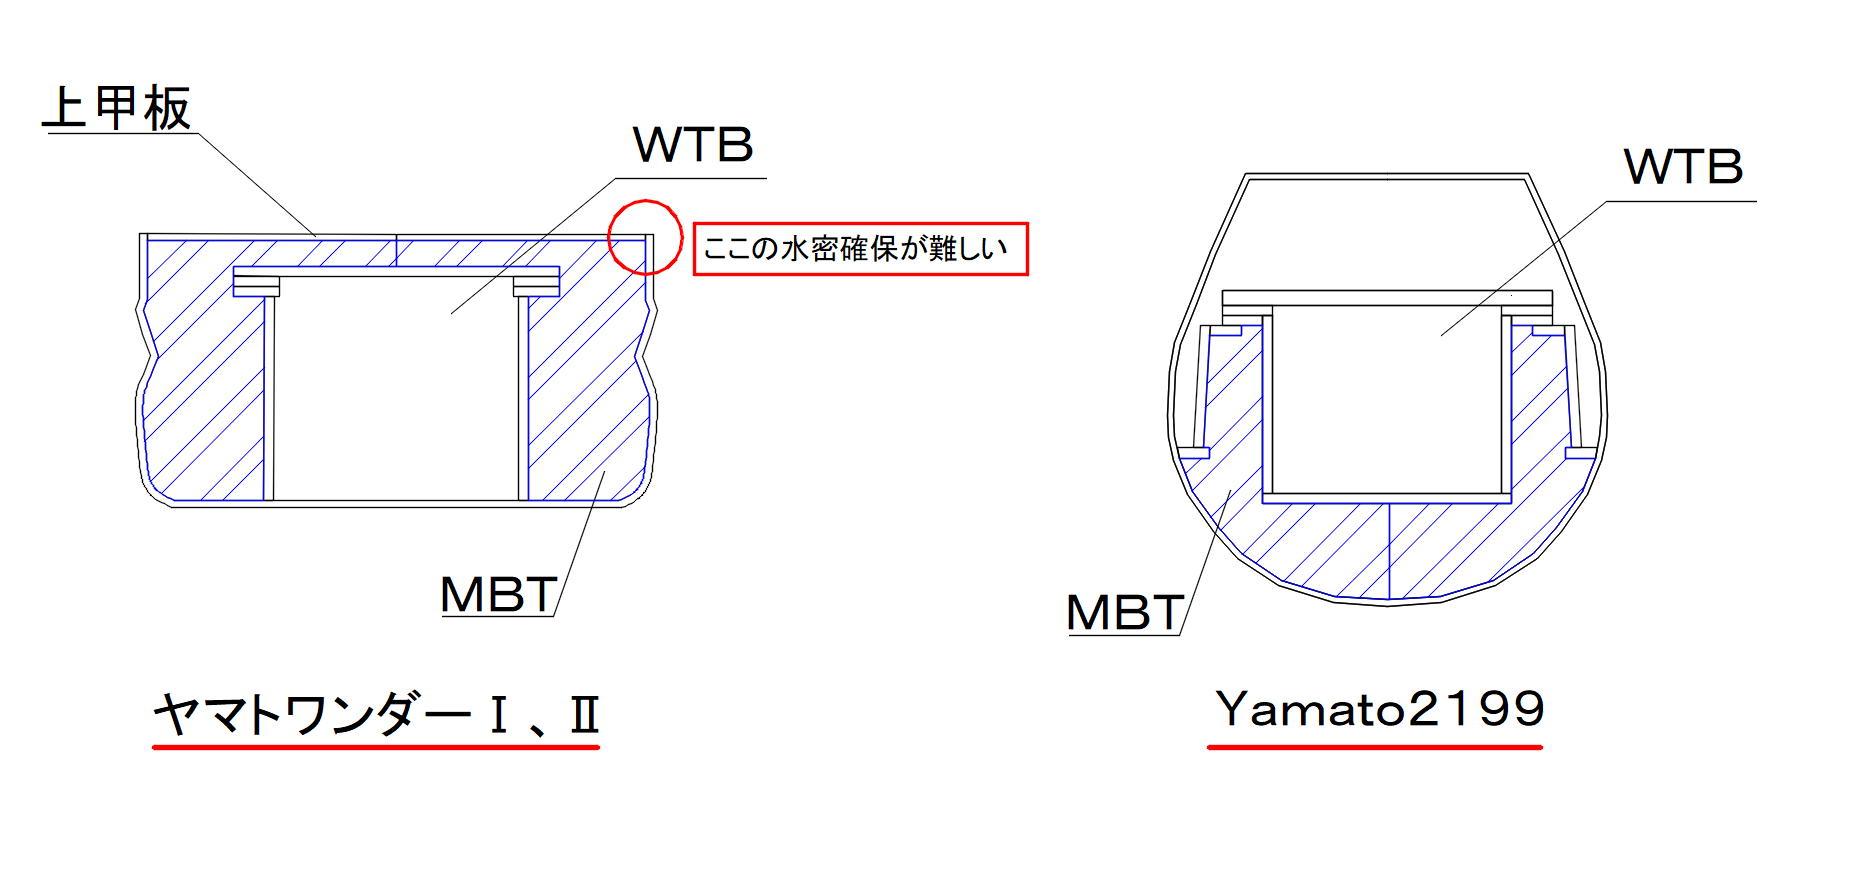 yw Y2199